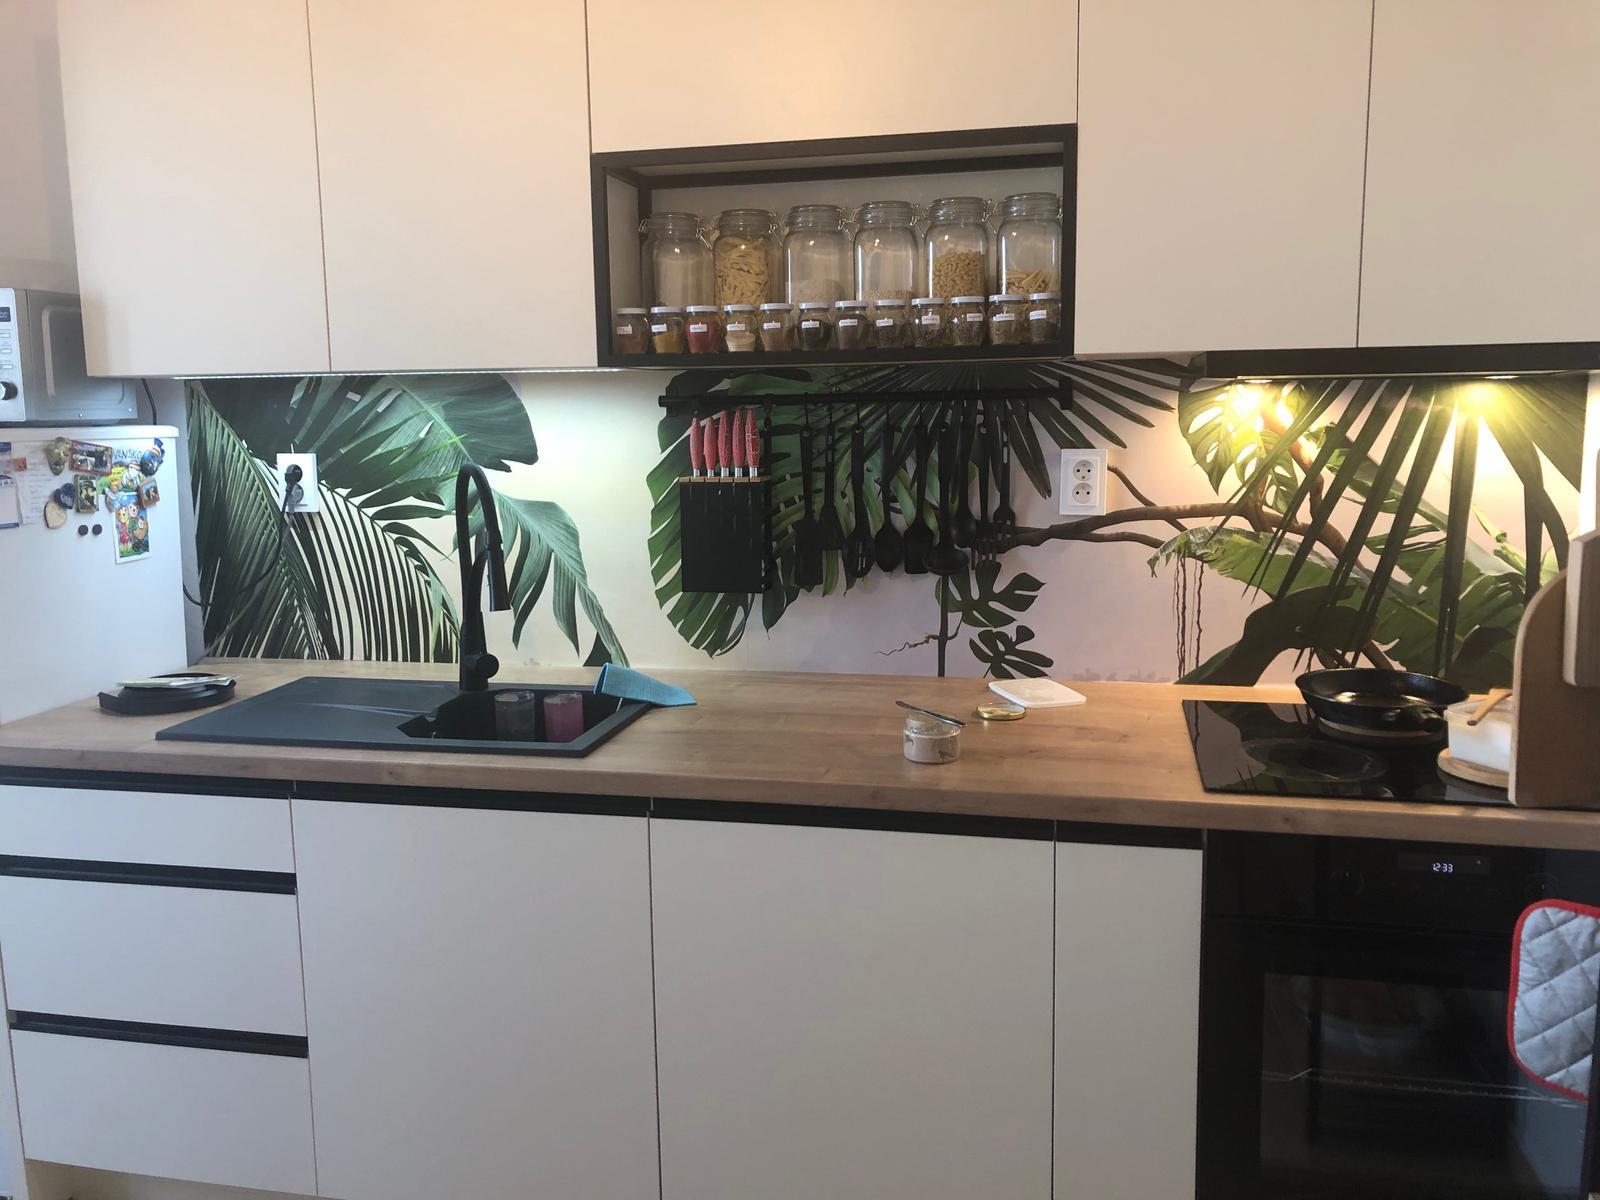 Fototapety do kuchyně - na kuchyňskou linku, na zeď, na skřínky - Obrázek č. 124